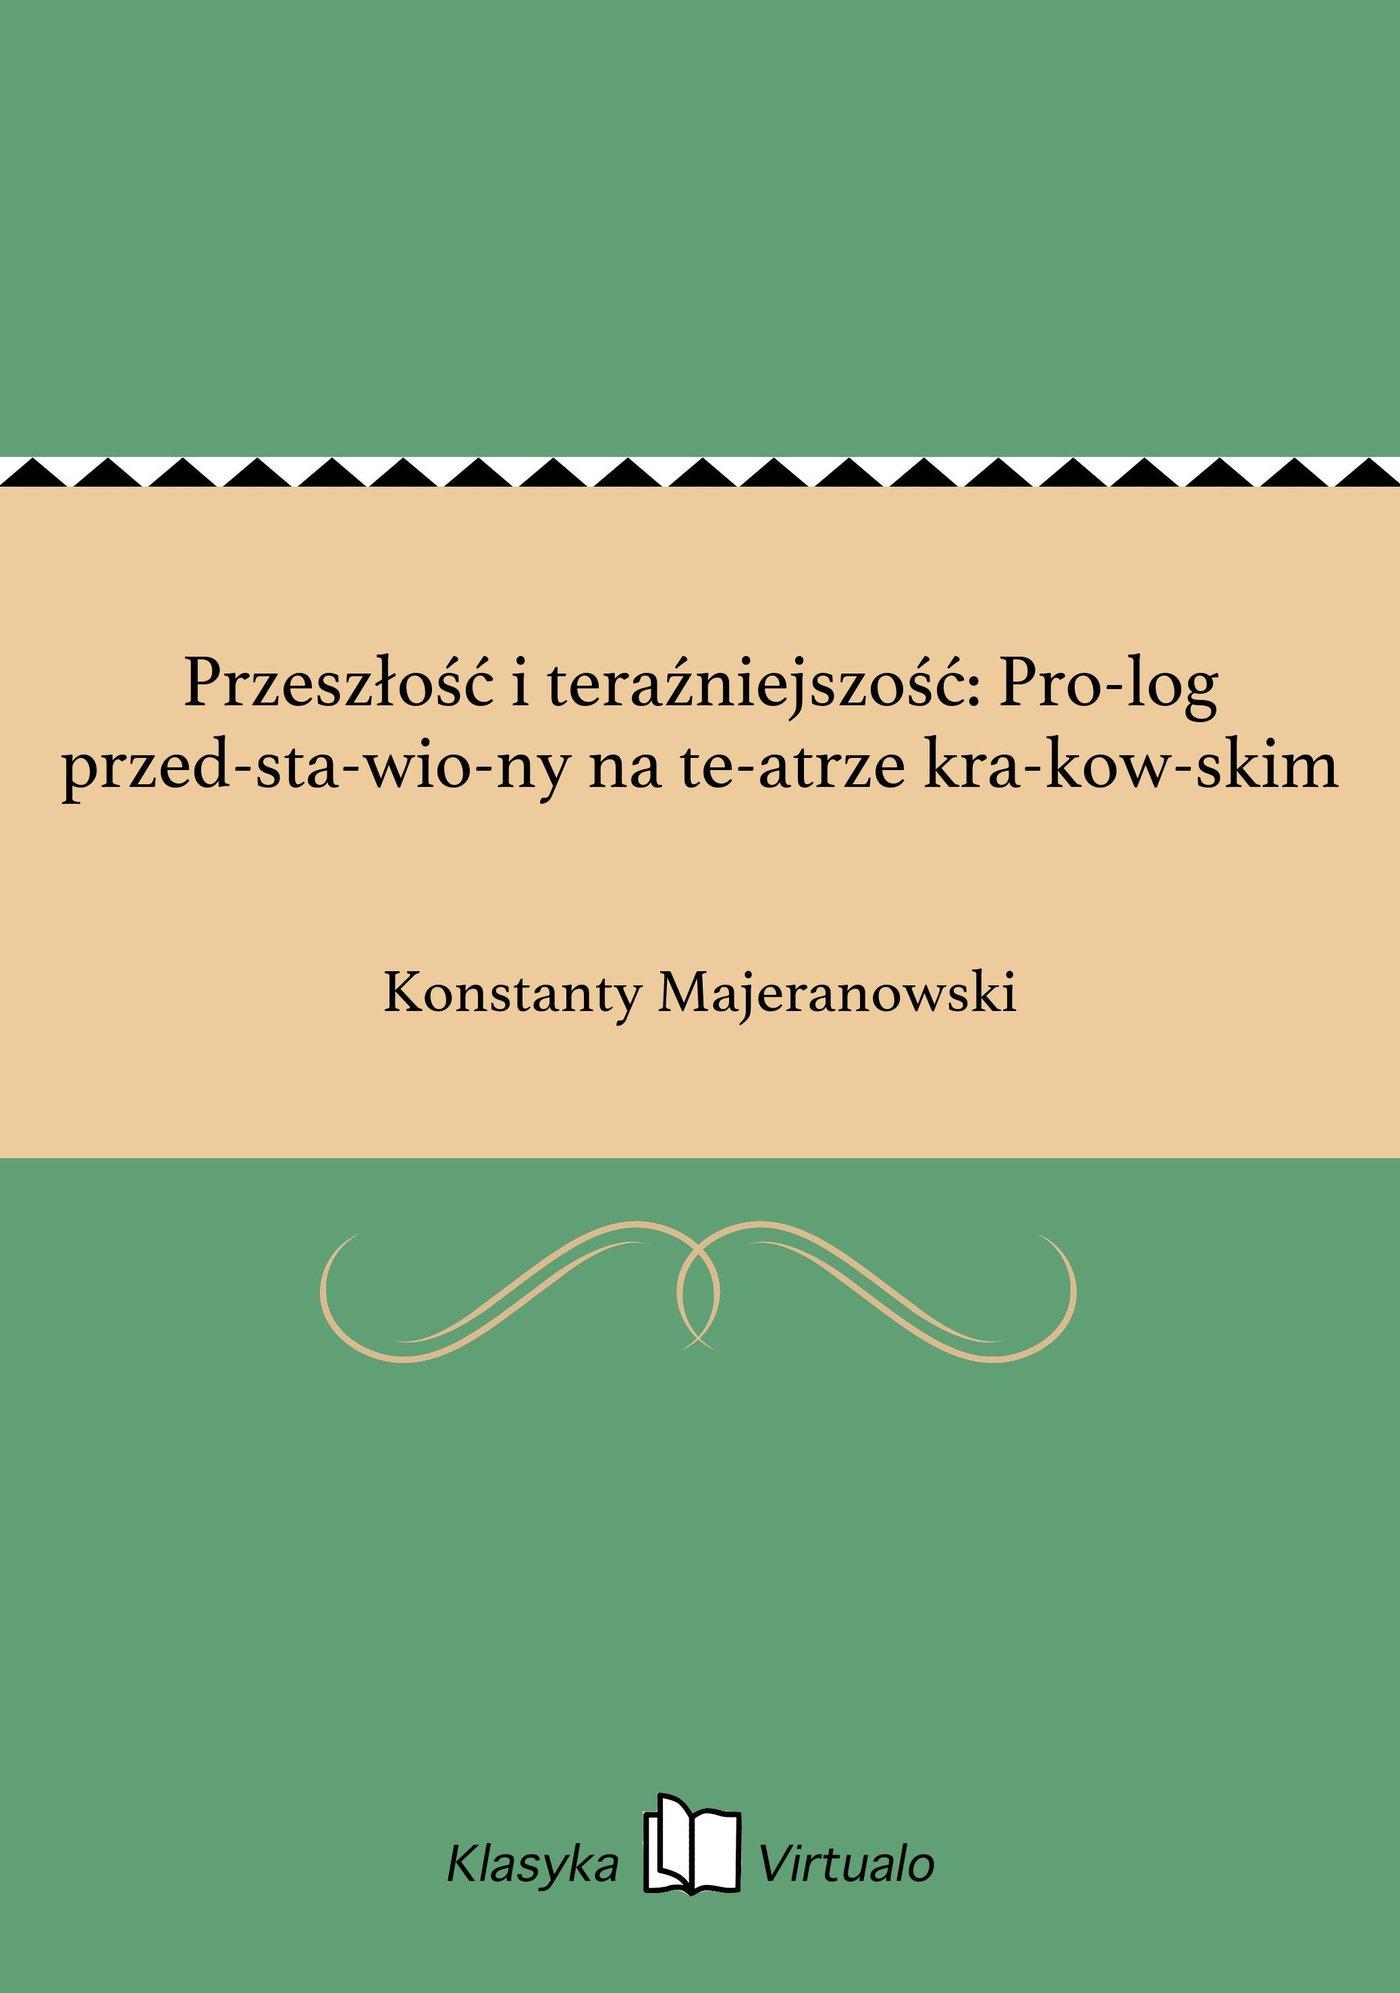 Przeszłość i teraźniejszość: Prolog przedstawiony na teatrze krakowskim - Ebook (Książka EPUB) do pobrania w formacie EPUB